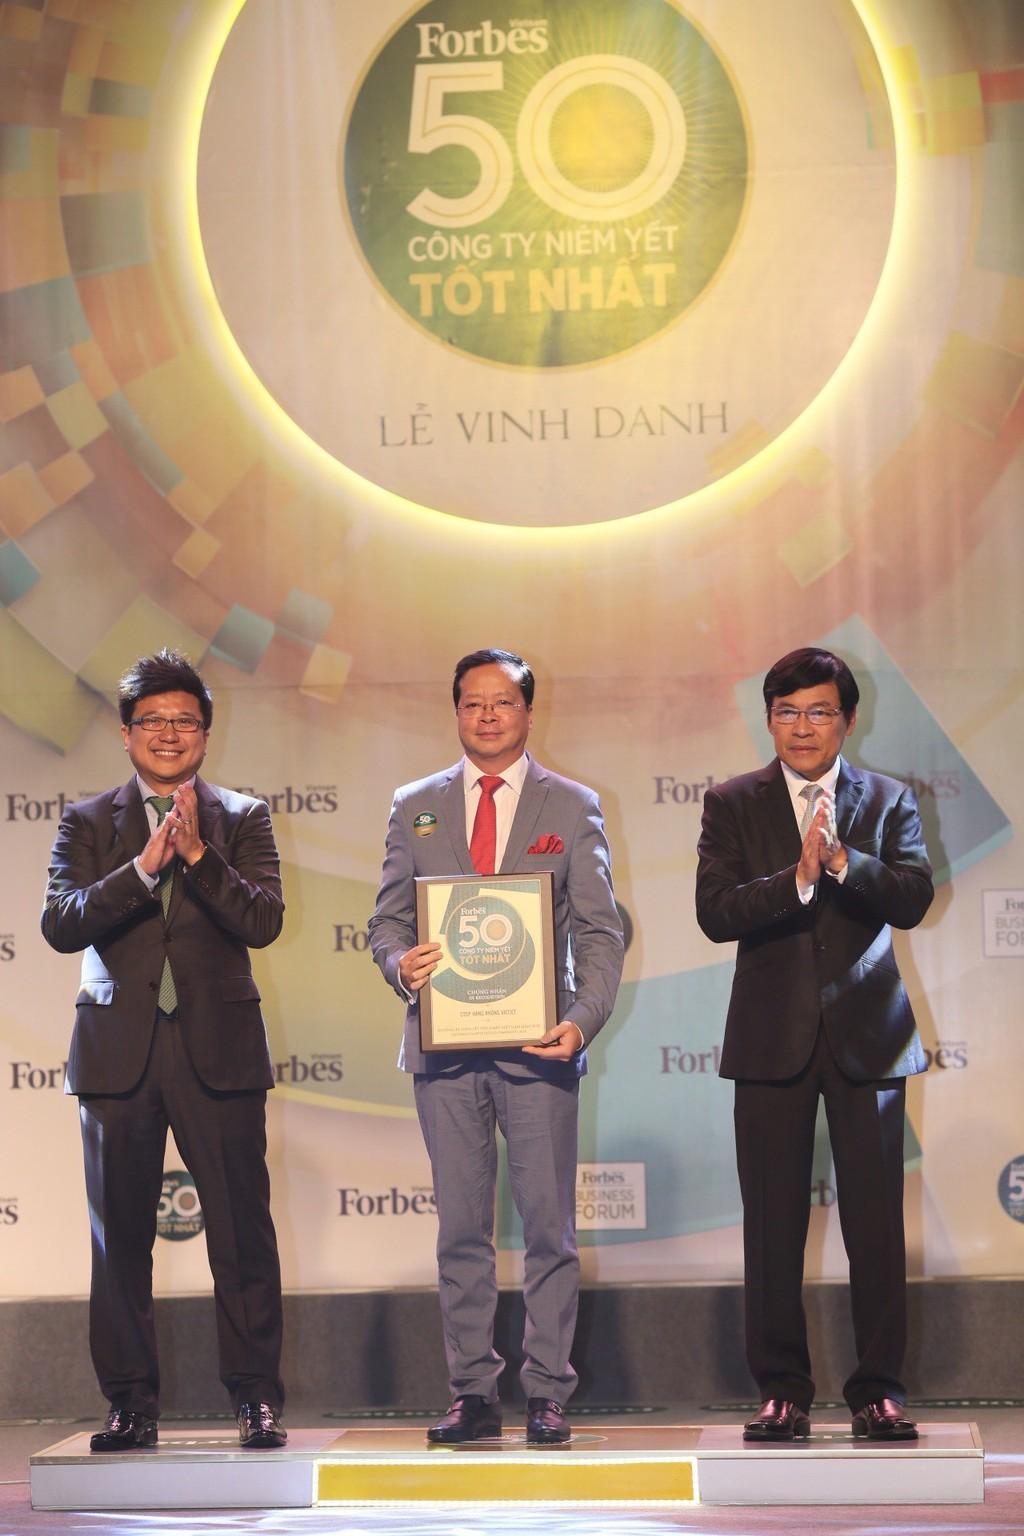 Vietjet tiếp tục vào Top các công ty niêm yết tốt nhất theo xếp hạng của Forbes - ảnh 1